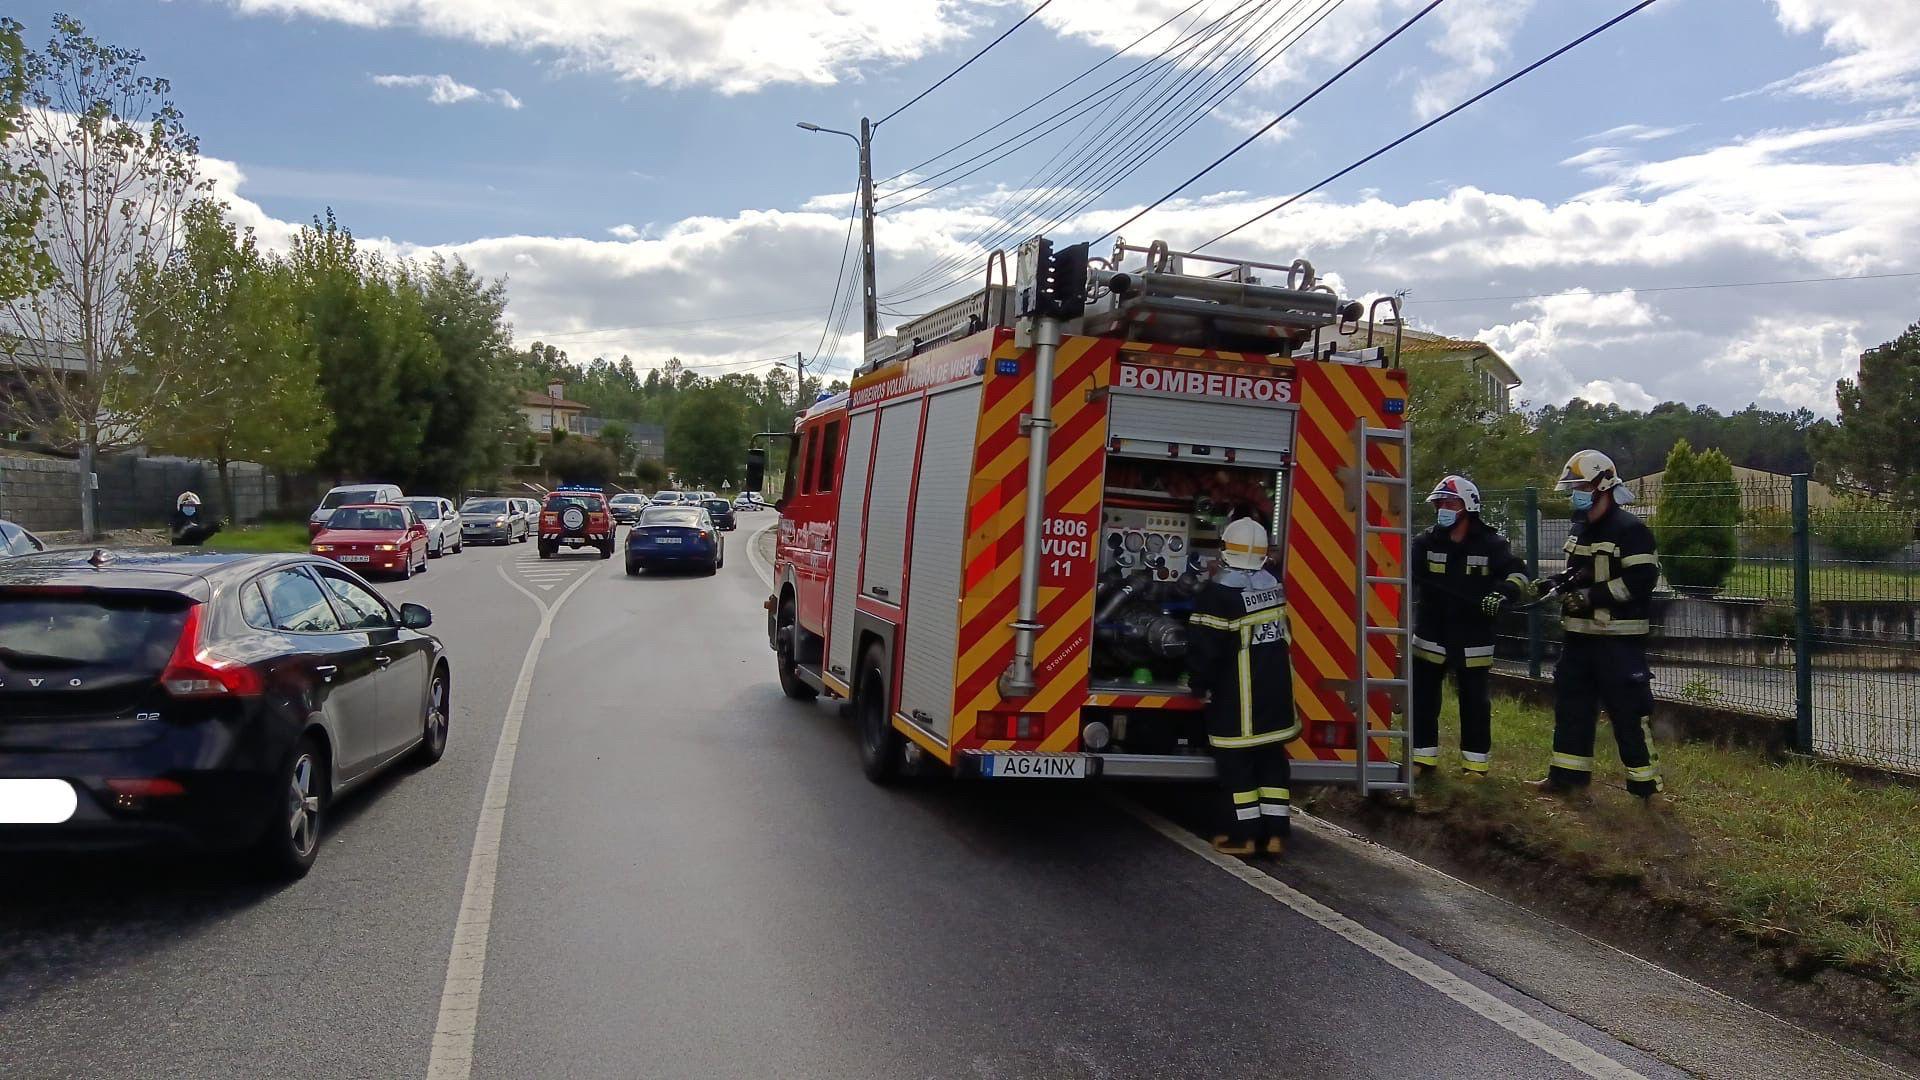 acidente 6 feridos s joão lourosa bombeiros matrícula escondida